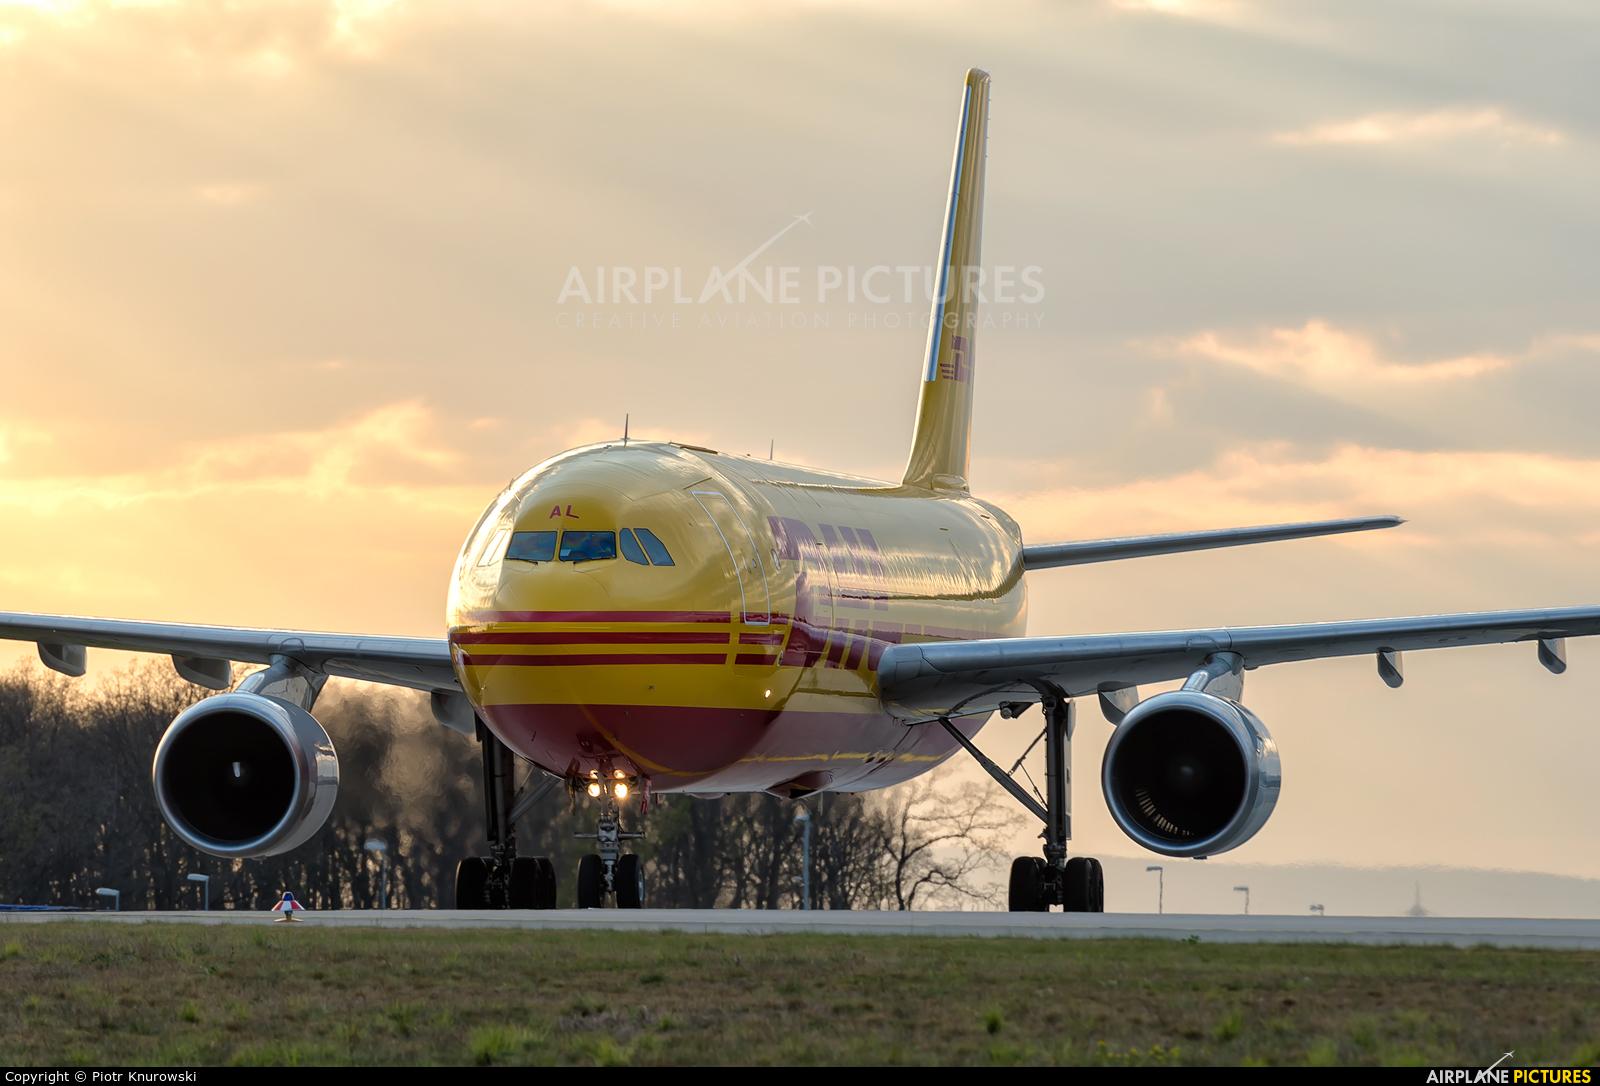 DHL Cargo D-AEAL aircraft at Frankfurt